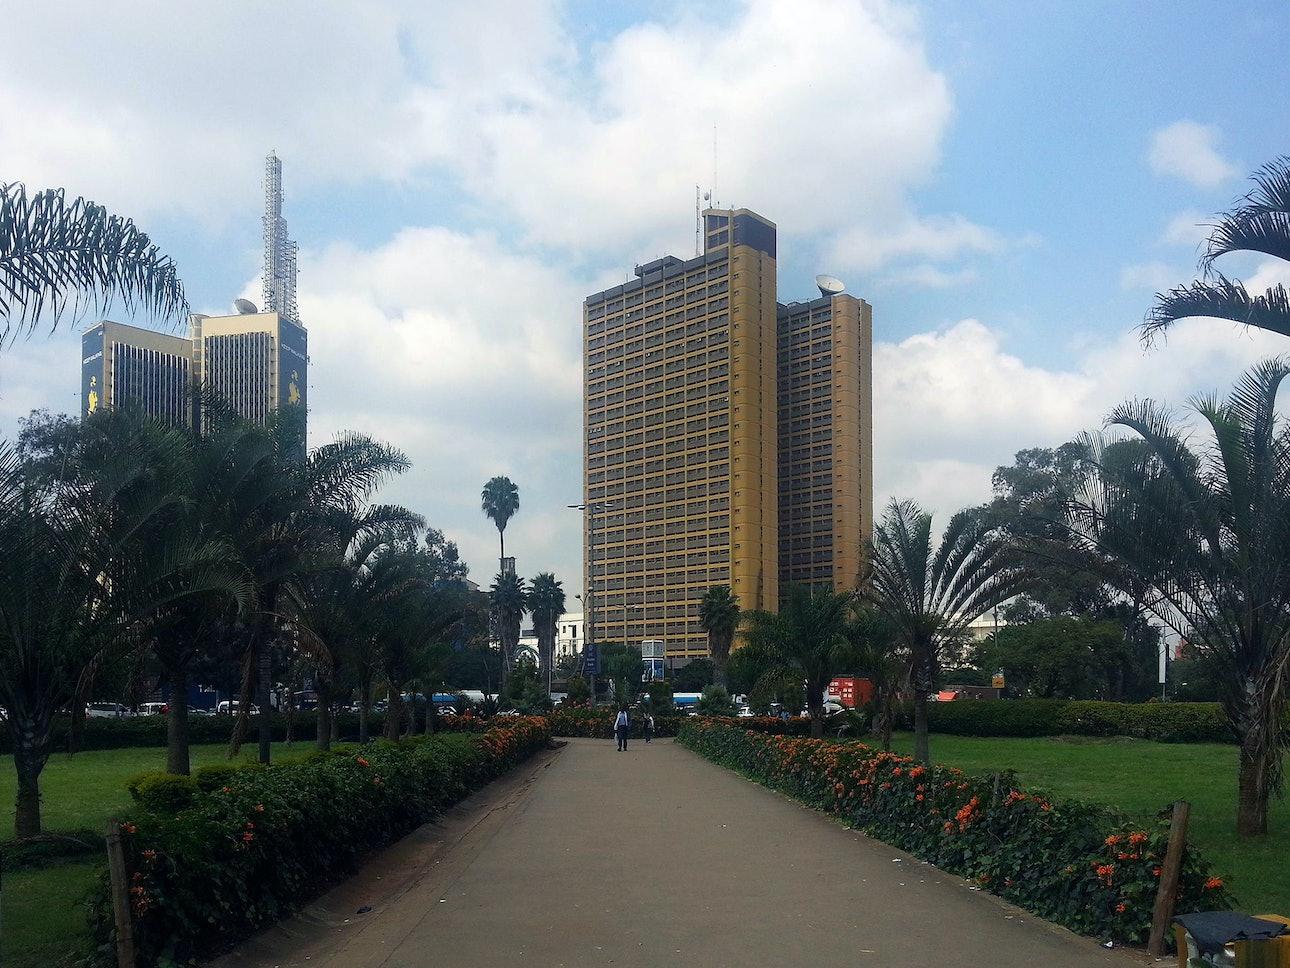 Nyayo_House_in_Kenya_turmy_ugnivenko